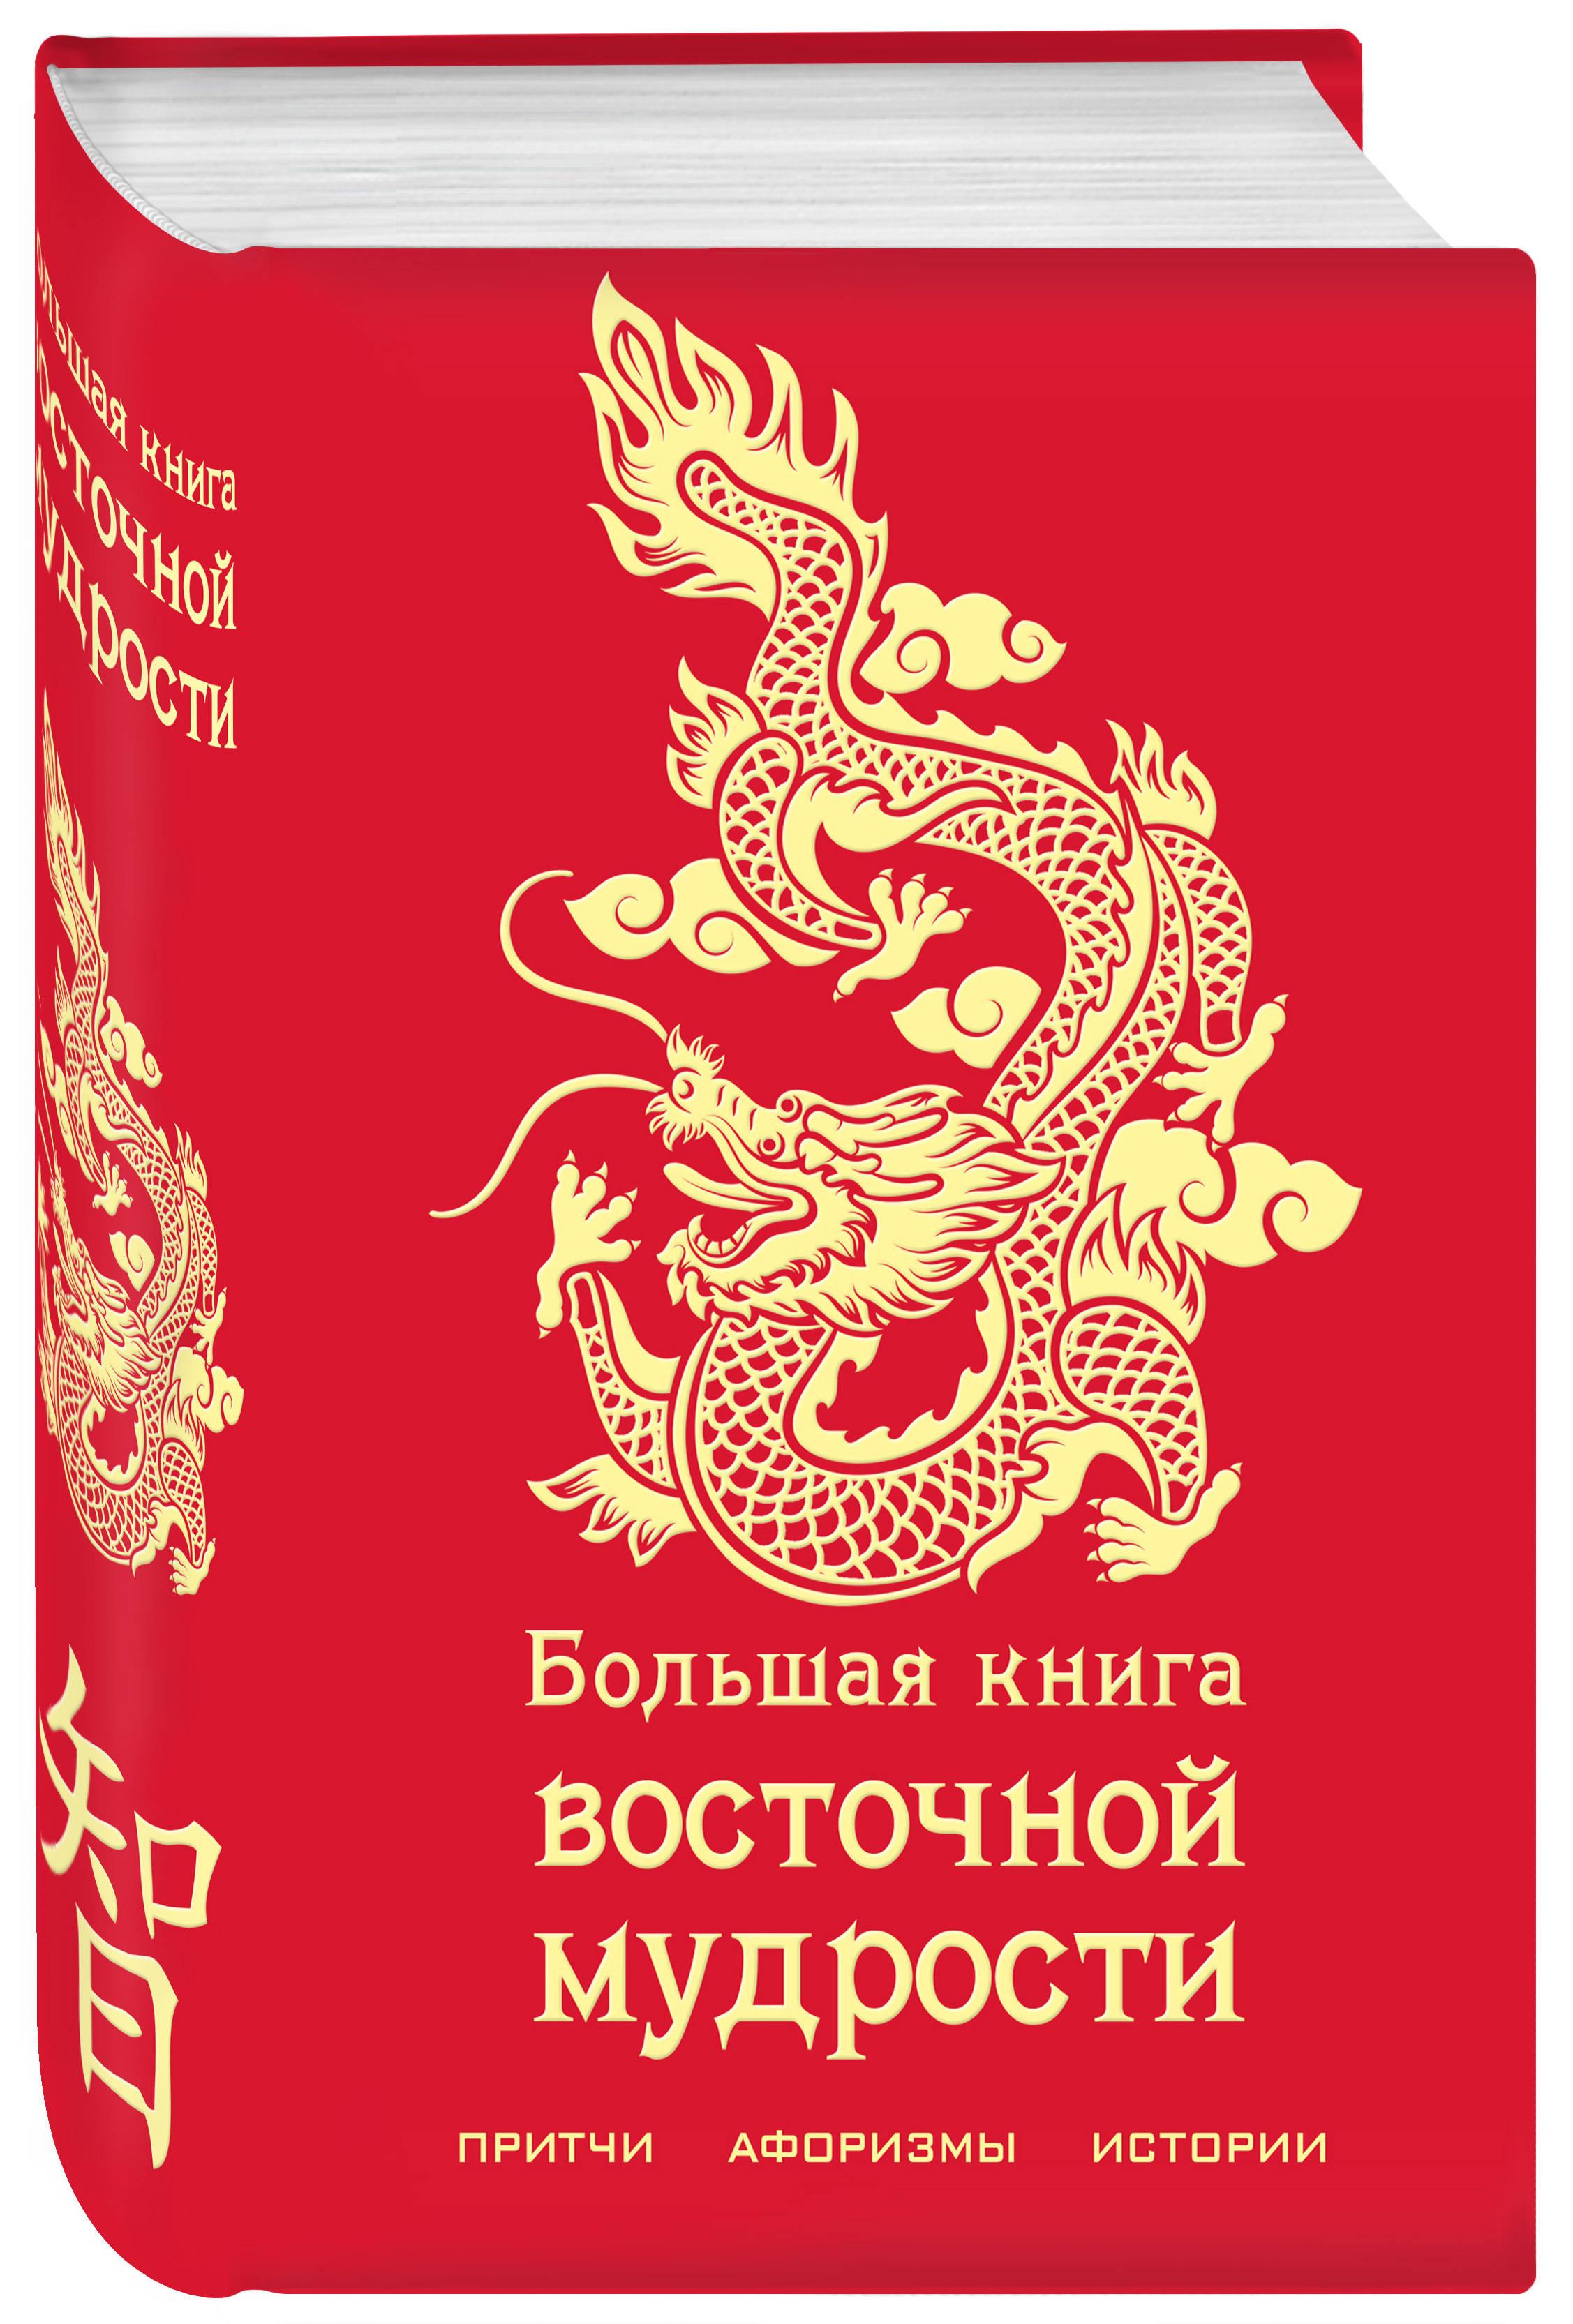 Большая книга восточной мудрости (с драконом) музаффар хаджи посох суфия школа суфийской мудрости